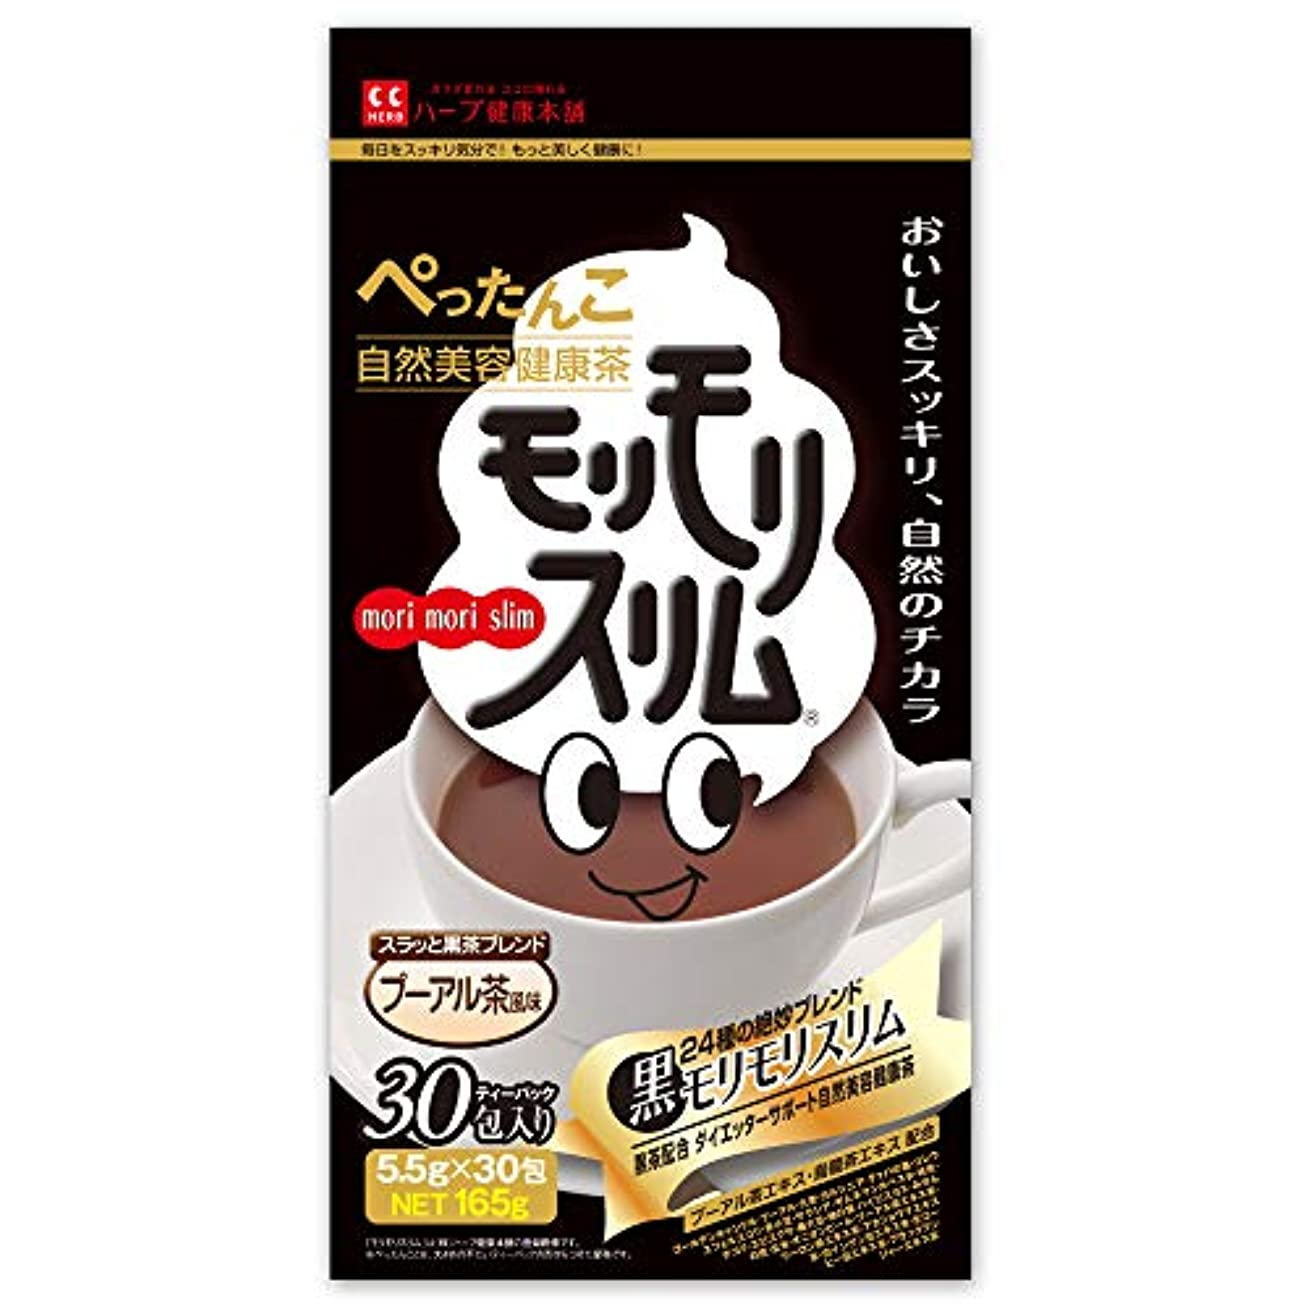 帳面モネ表現ハーブ健康本舗 黒モリモリスリム(プーアル茶風味) (30包)